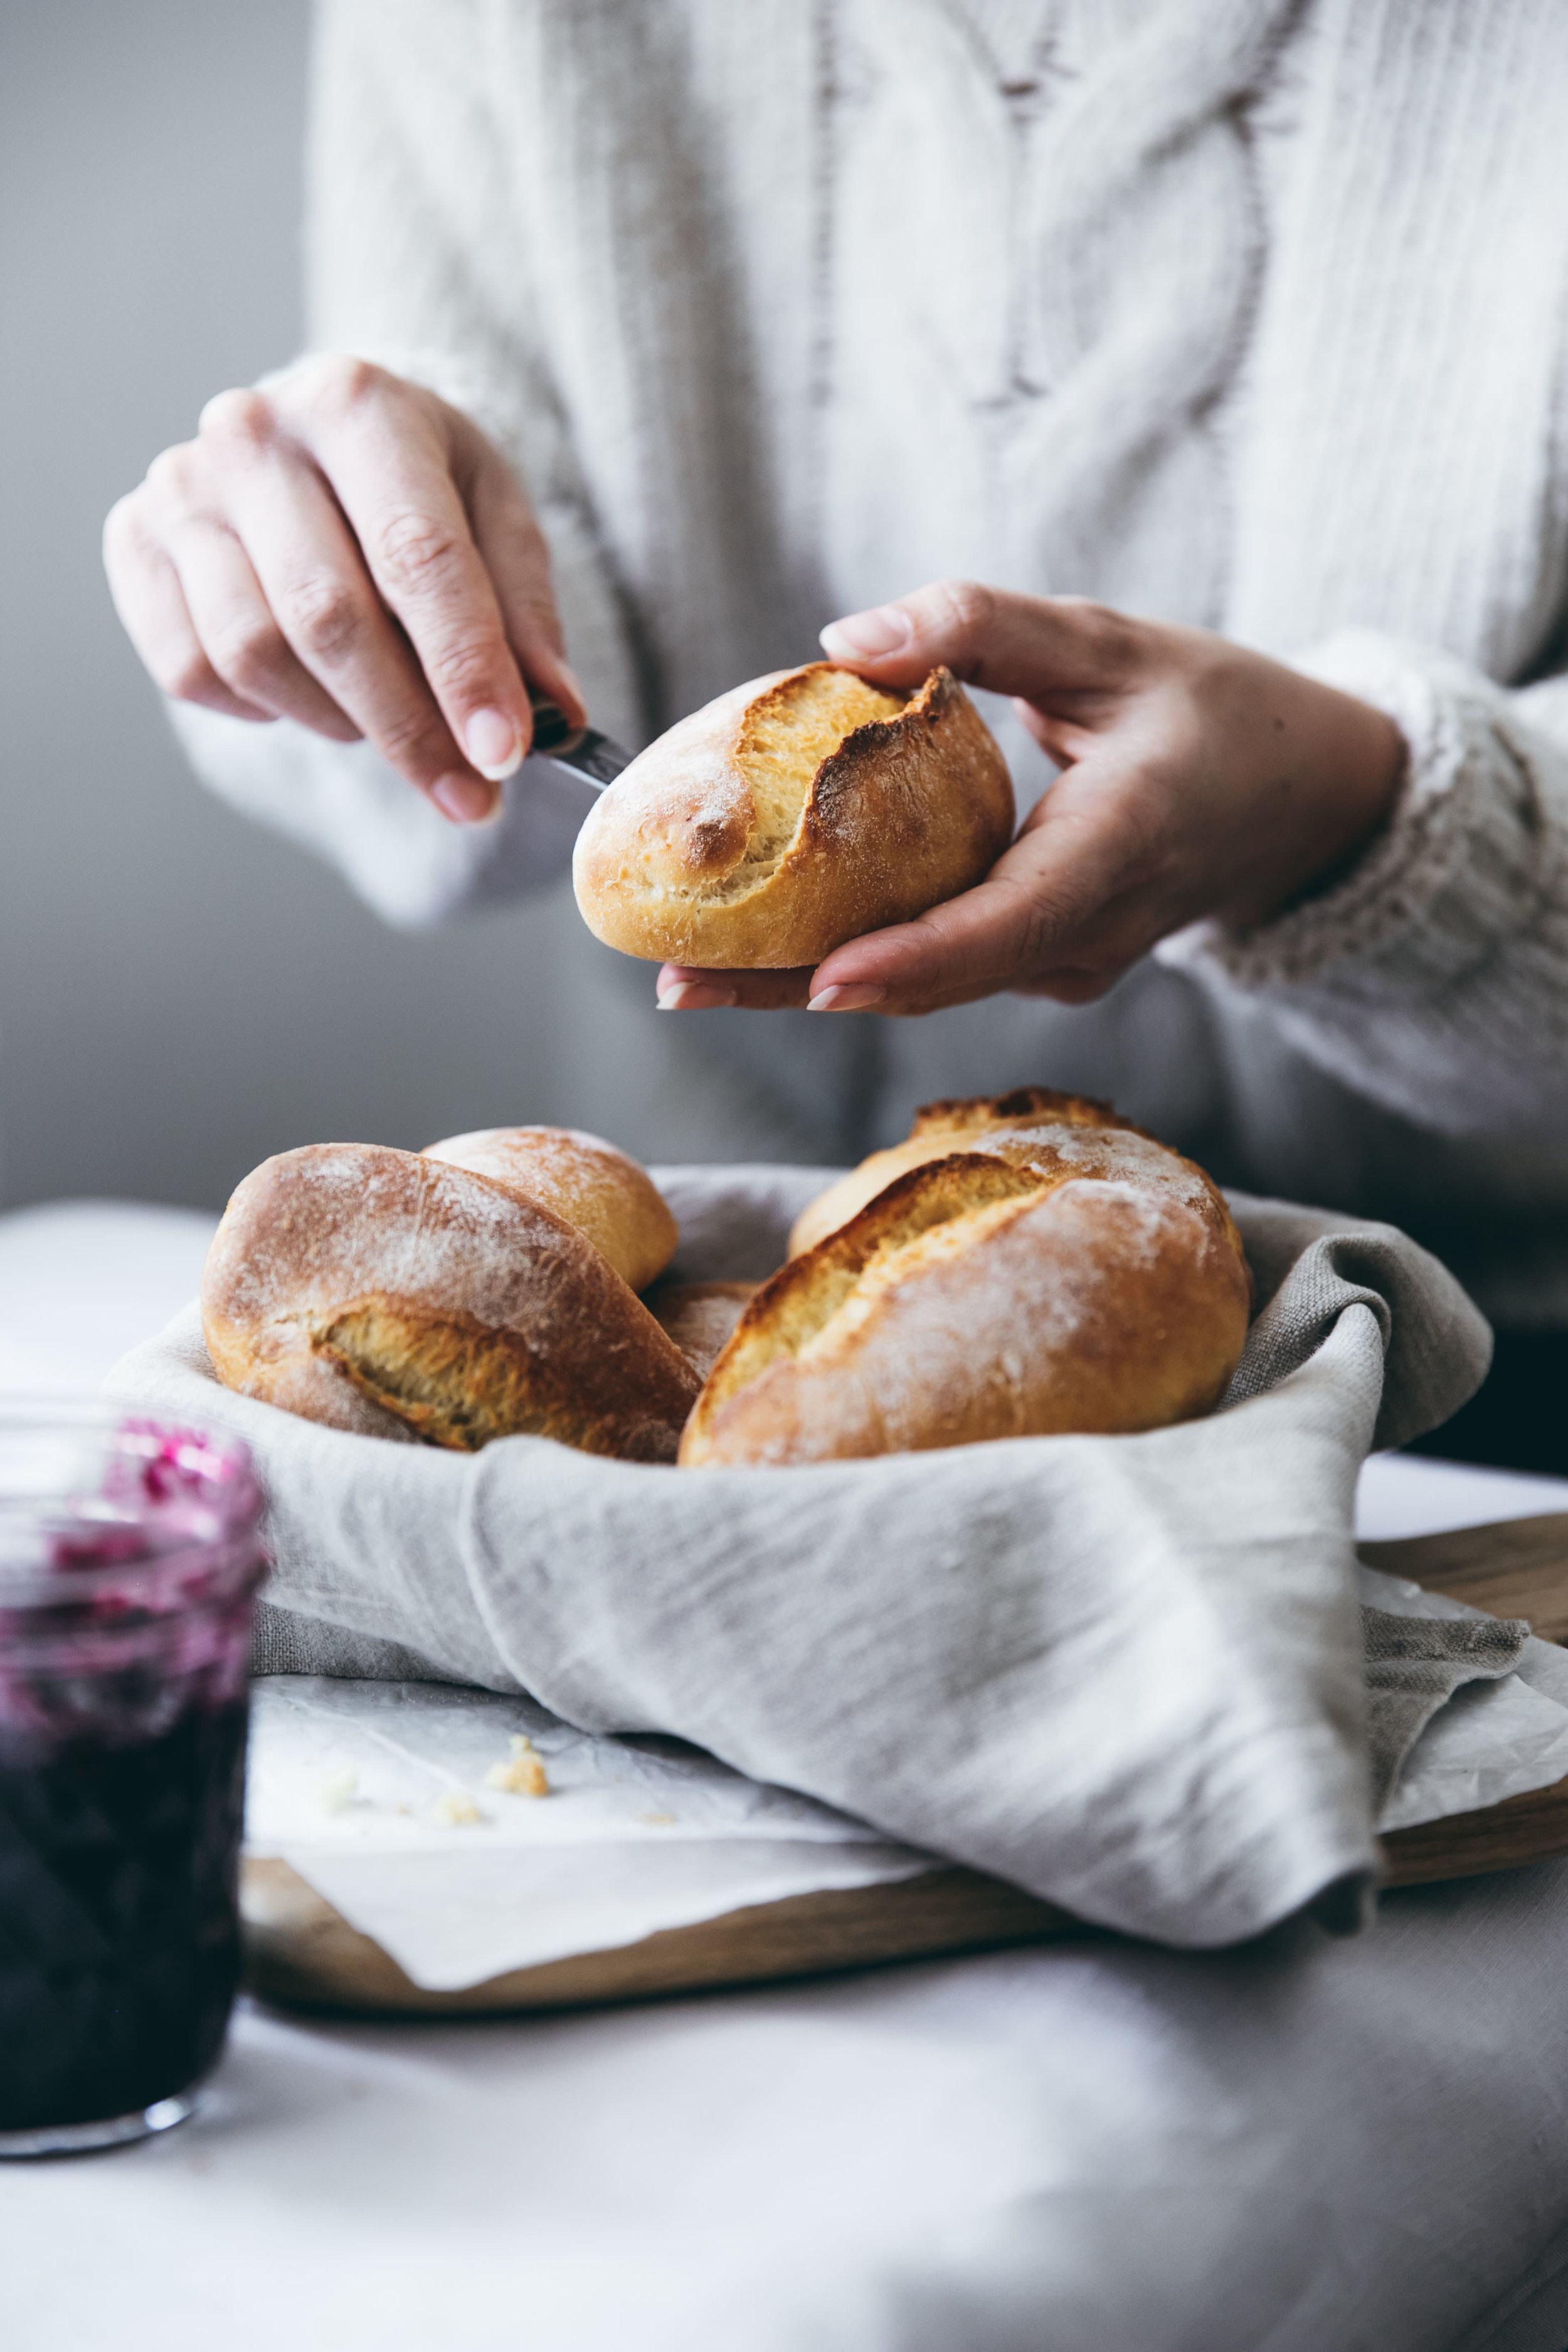 Kartoffelbrötchen zum Frühstück oder Brunch.